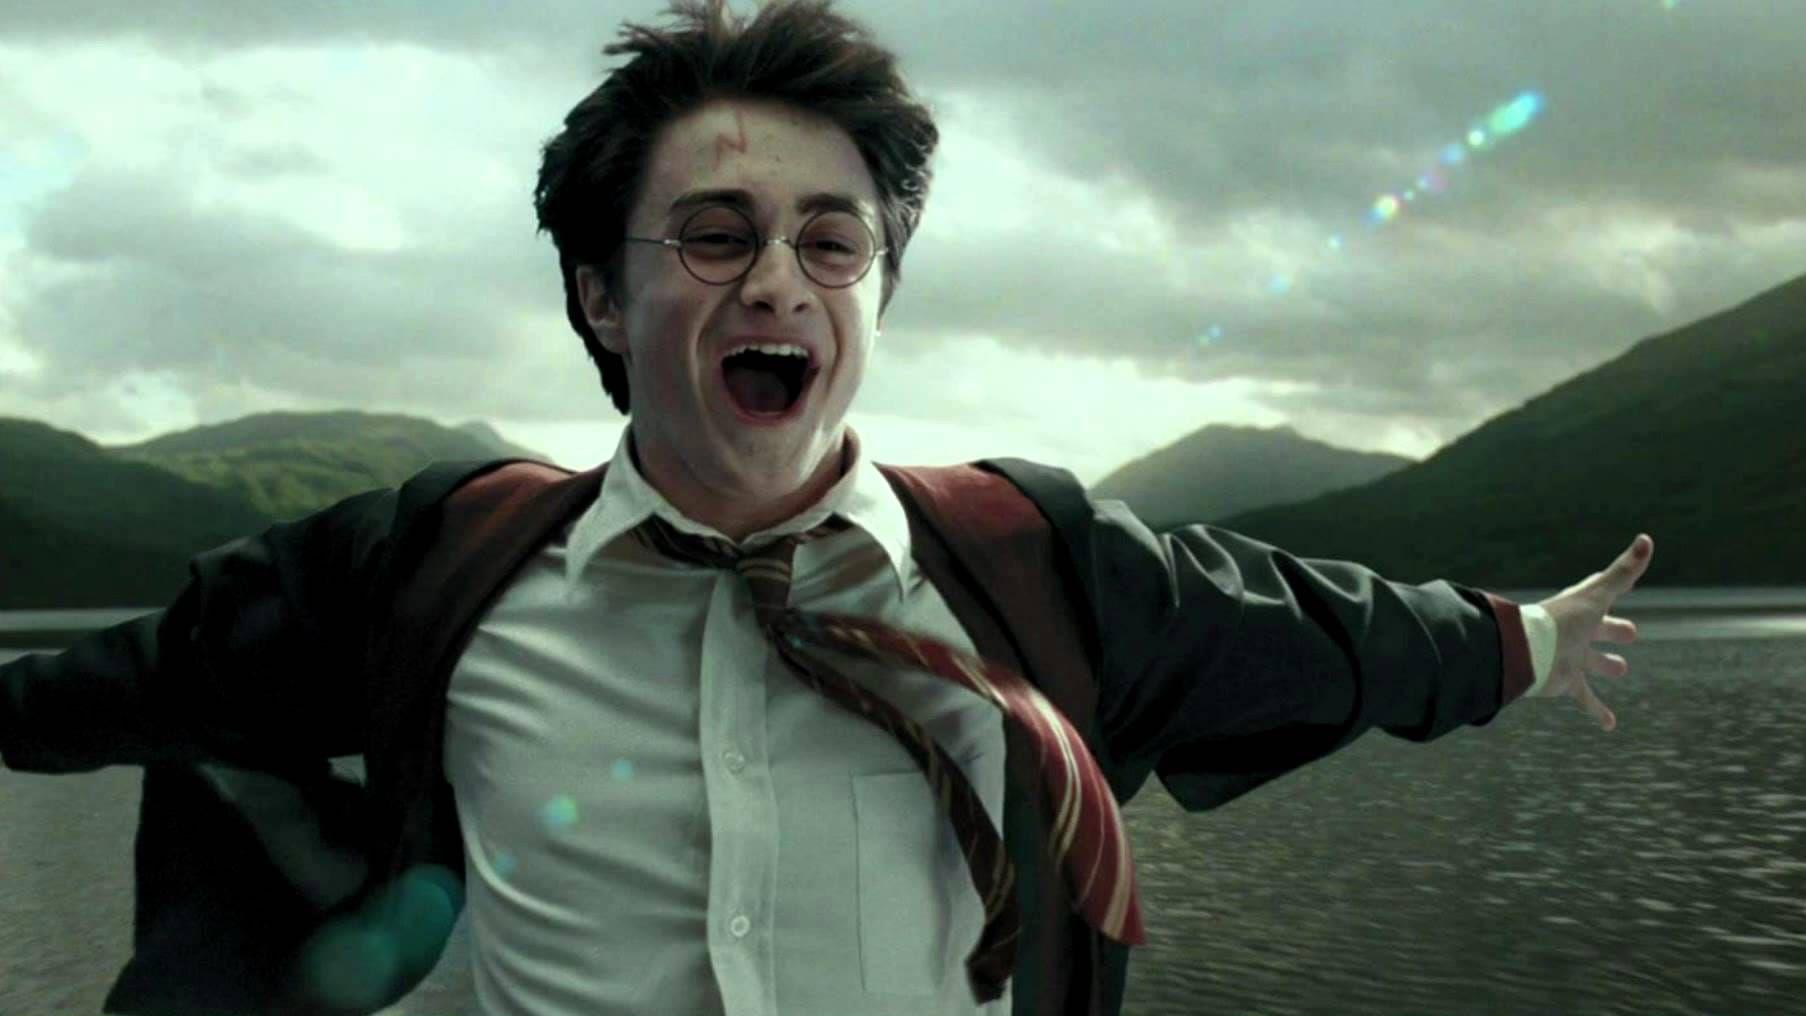 Harry Potter Und Der Gefangene Von Askaban 2004 Ganzer Film Deutsch Komplett Kino Wahrend Die Abscheuliche Tante Magda Uber Den Nachthimmel Schwebt Kehrt Media